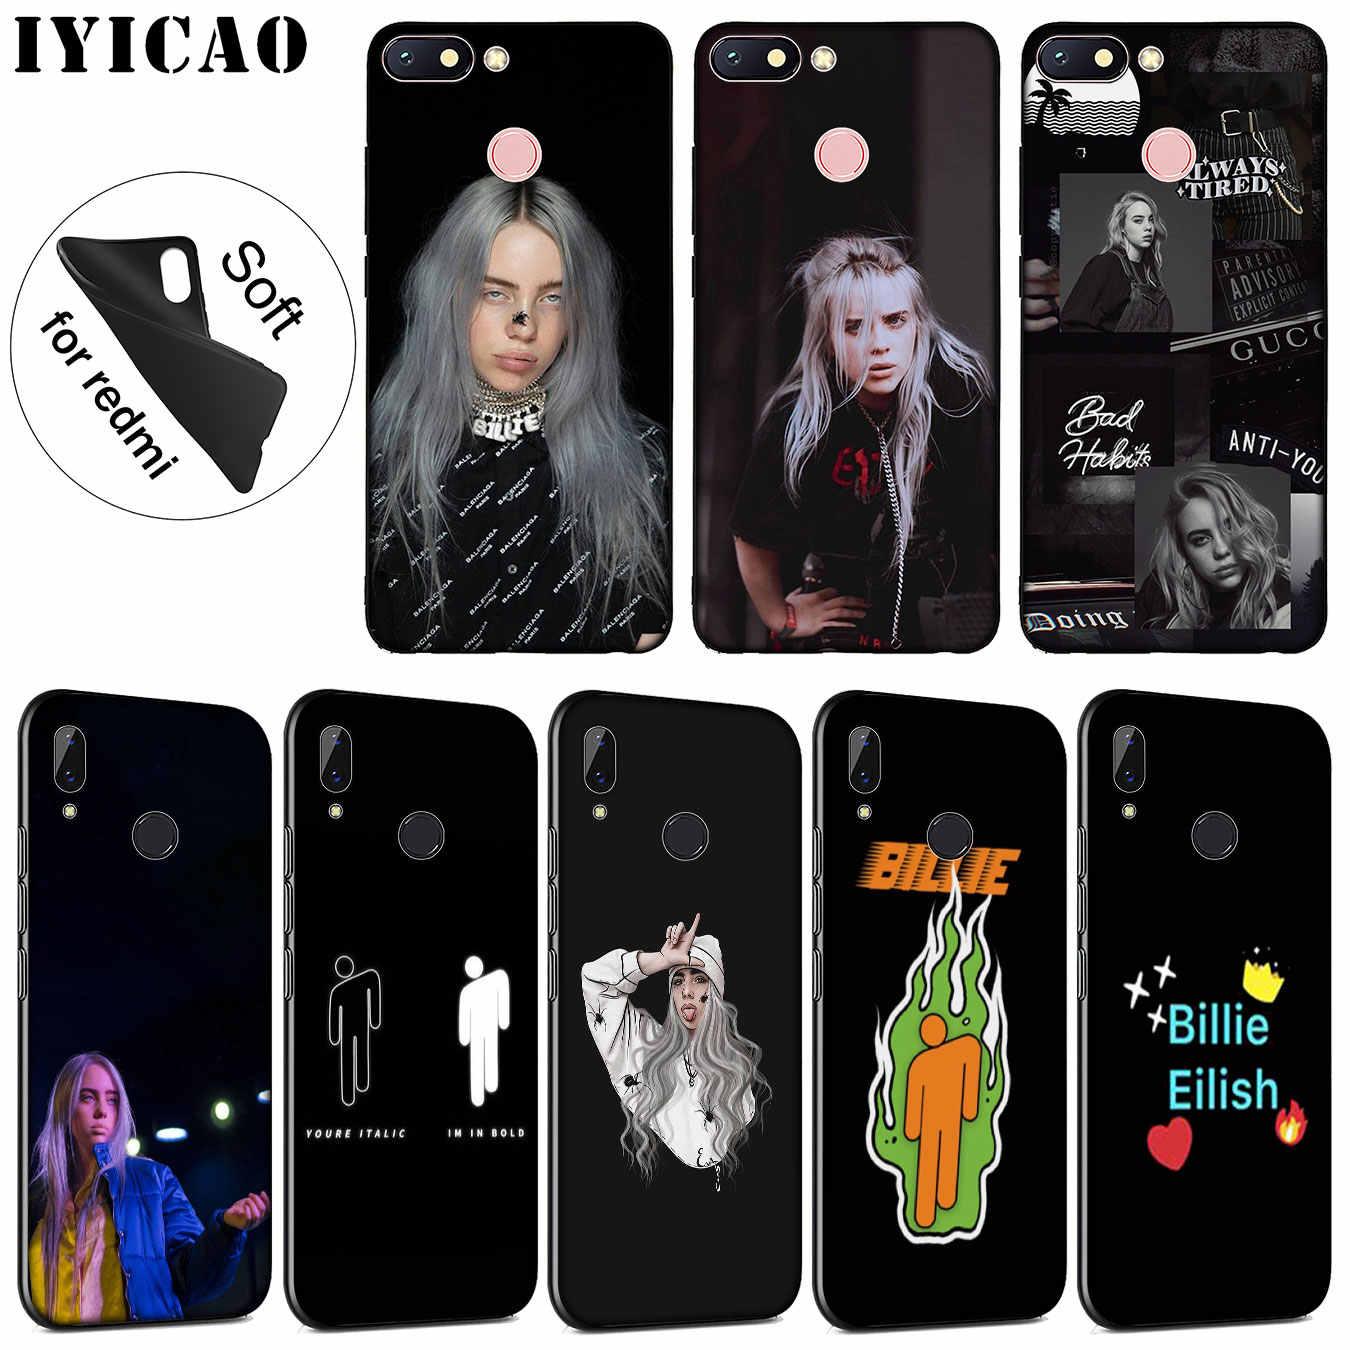 IYICAO Billie eilish Мягкие силиконовые чехол для телефона Xiaomi Redmi 6A 5A Примечание 7 4X5 плюс 6